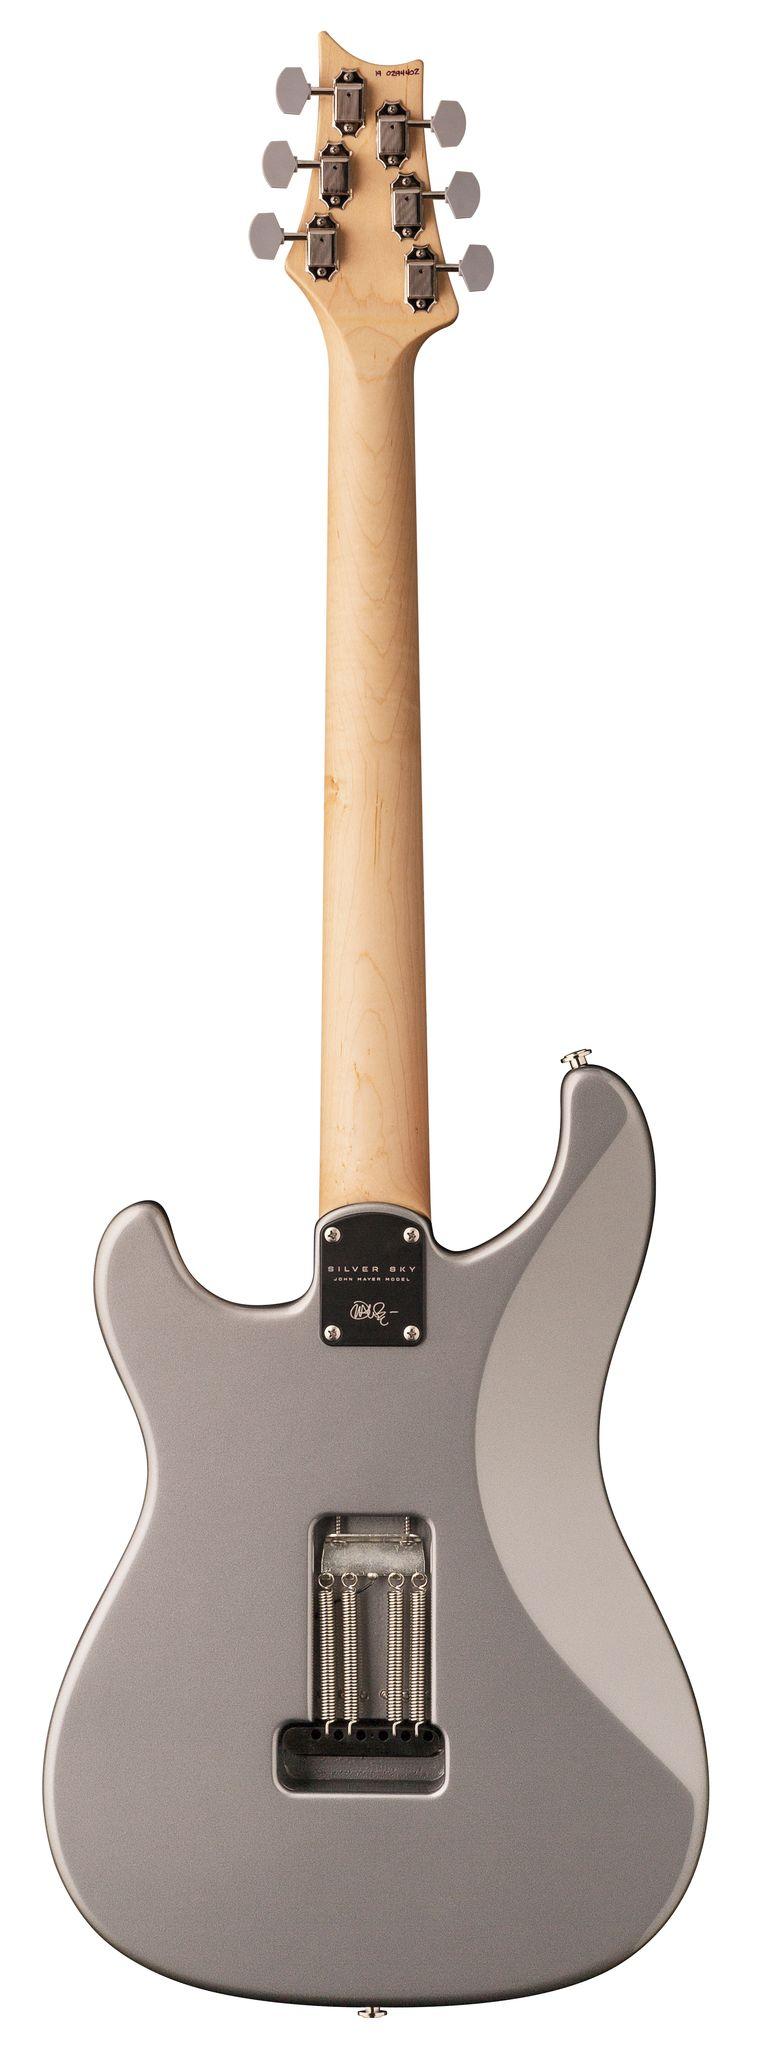 PRS Silver Sky Maple Fretboard, Tungsten